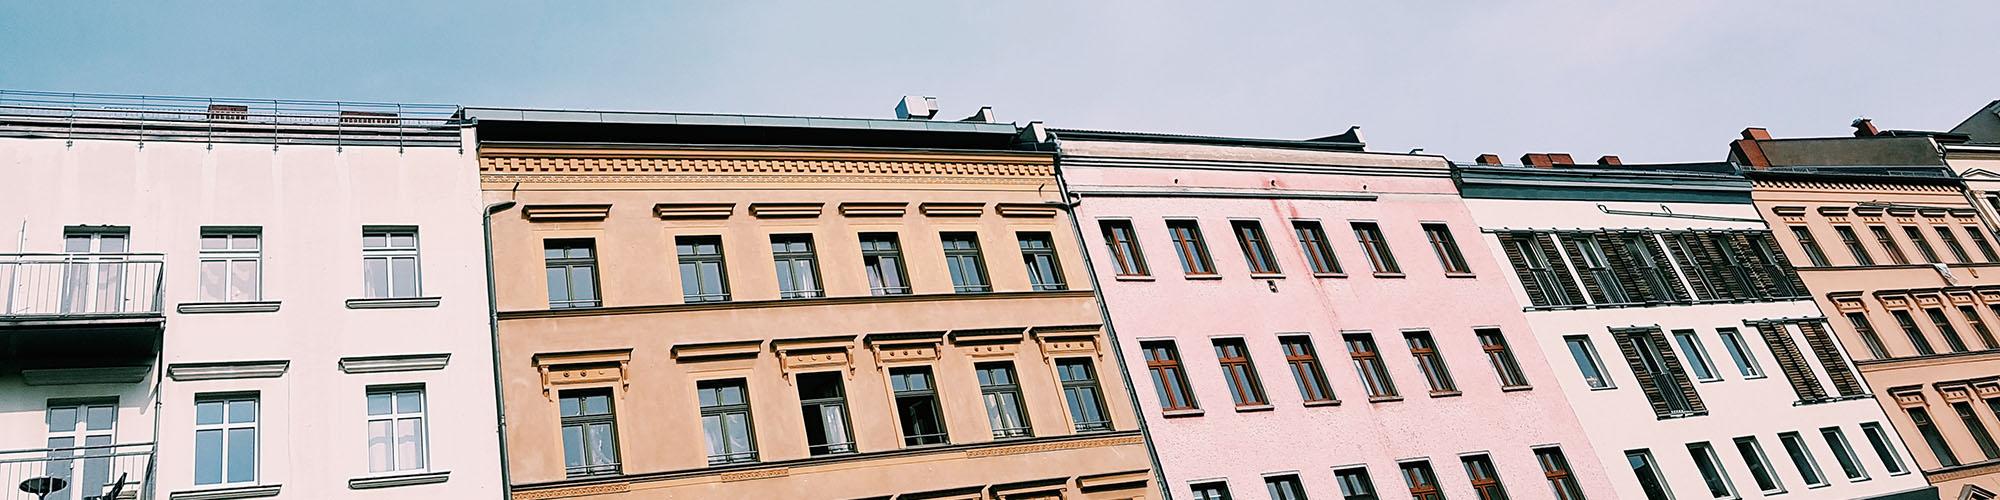 Direktankauf von Immobilien in Herne durch Weidenbach Immobilien